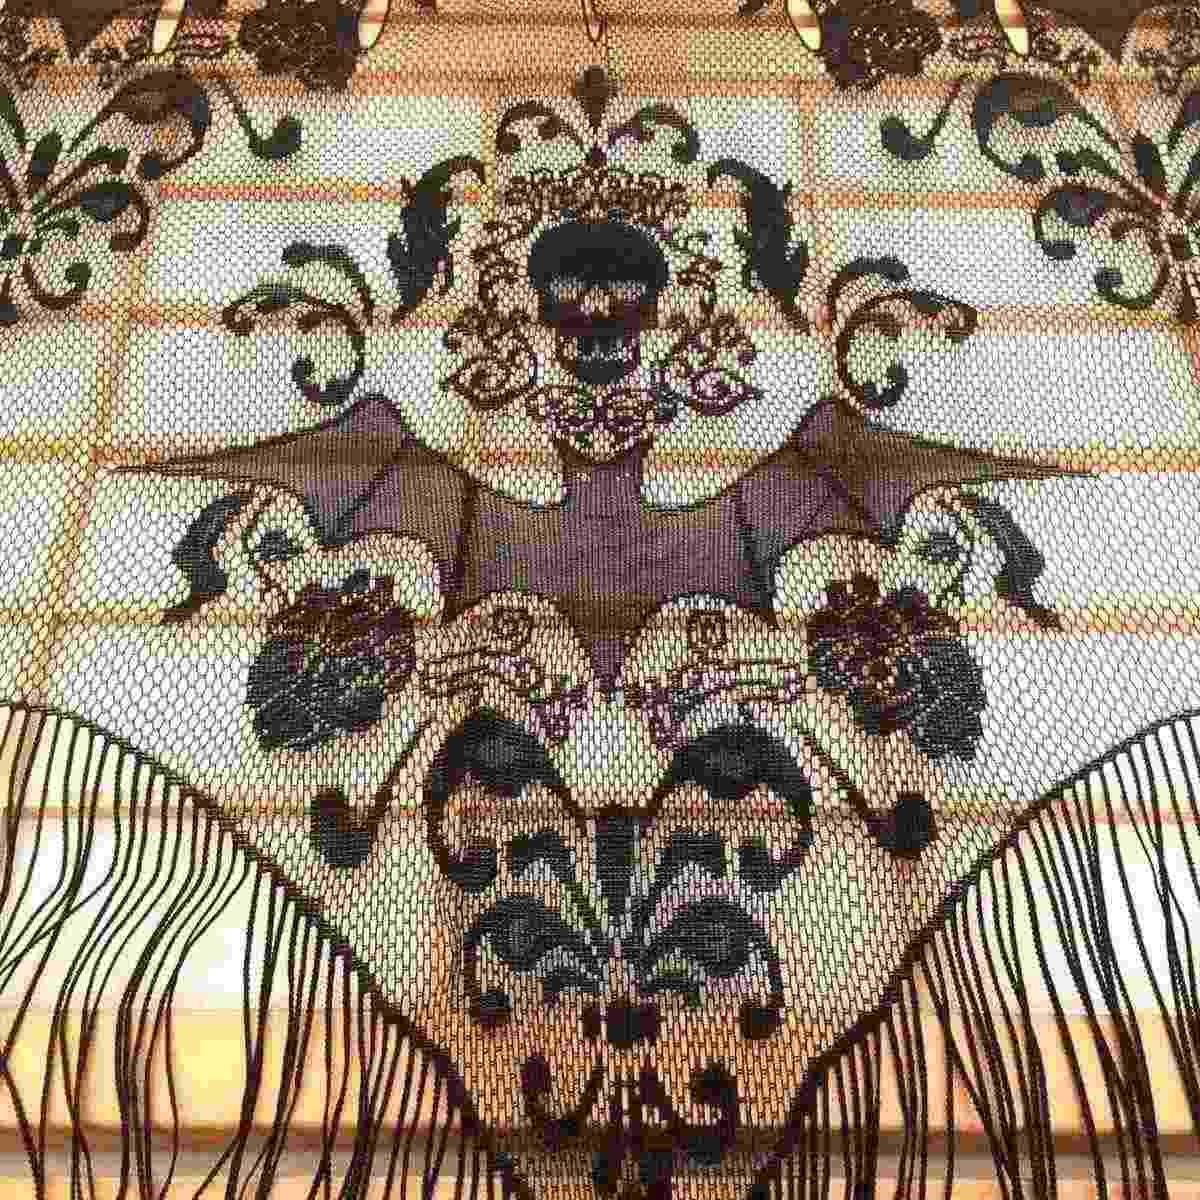 ฮาโลวีนกอธิคผ้าลูกไม้สีดำพู่ม่านแขวนกะโหลกค้างคาวT Ulle T Opperผ้าคลุมไหล่ฮาโลวีนบ้านผีสิงพรรคผ้าม่านผ้าผ้าปูโต๊ะ